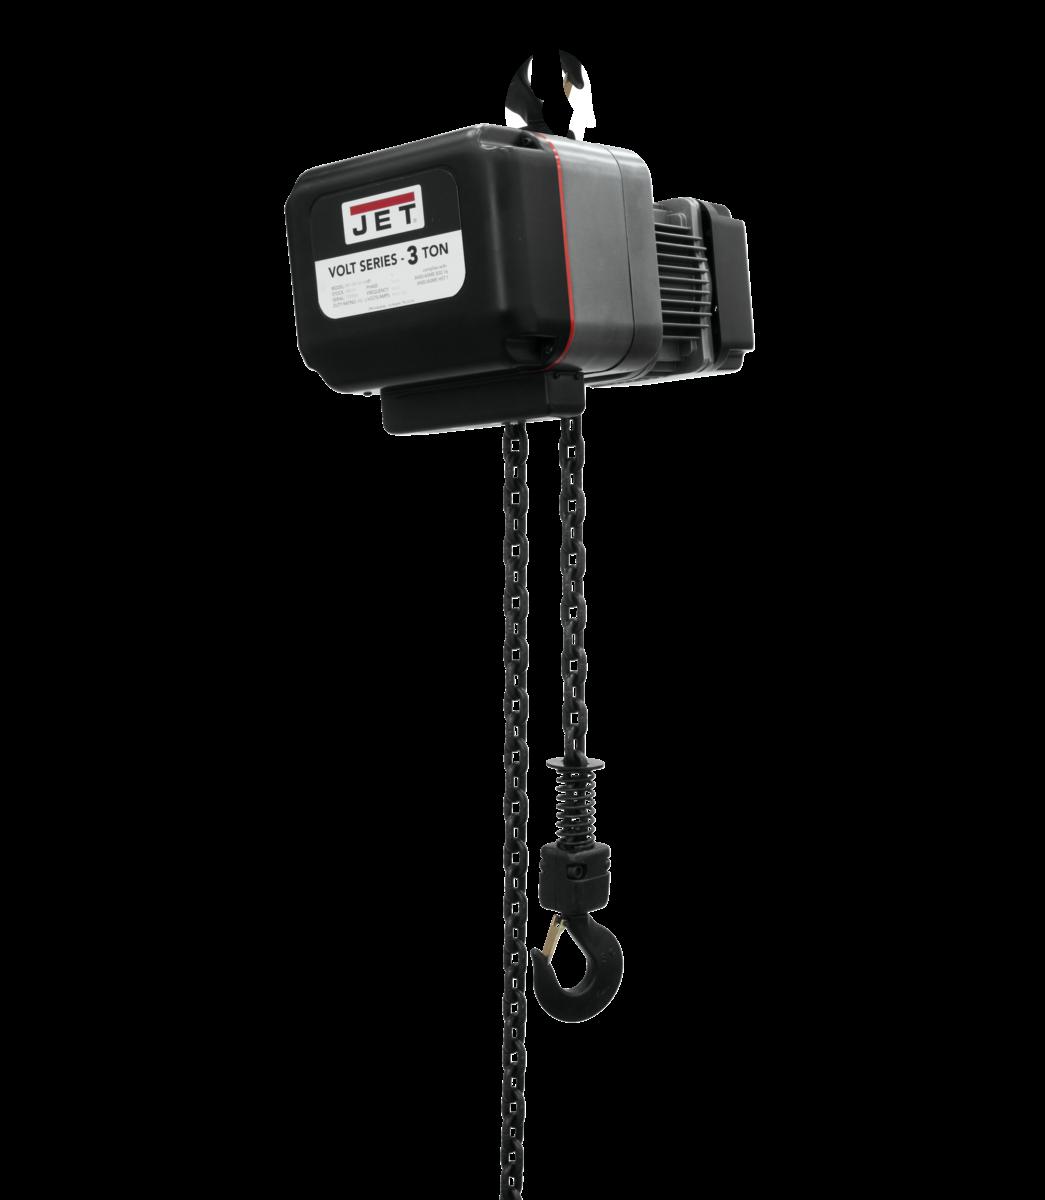 VOLT 3T VARIABLE-SPEED ELECTRIC HOIST 3PH 460V 20' LIFT